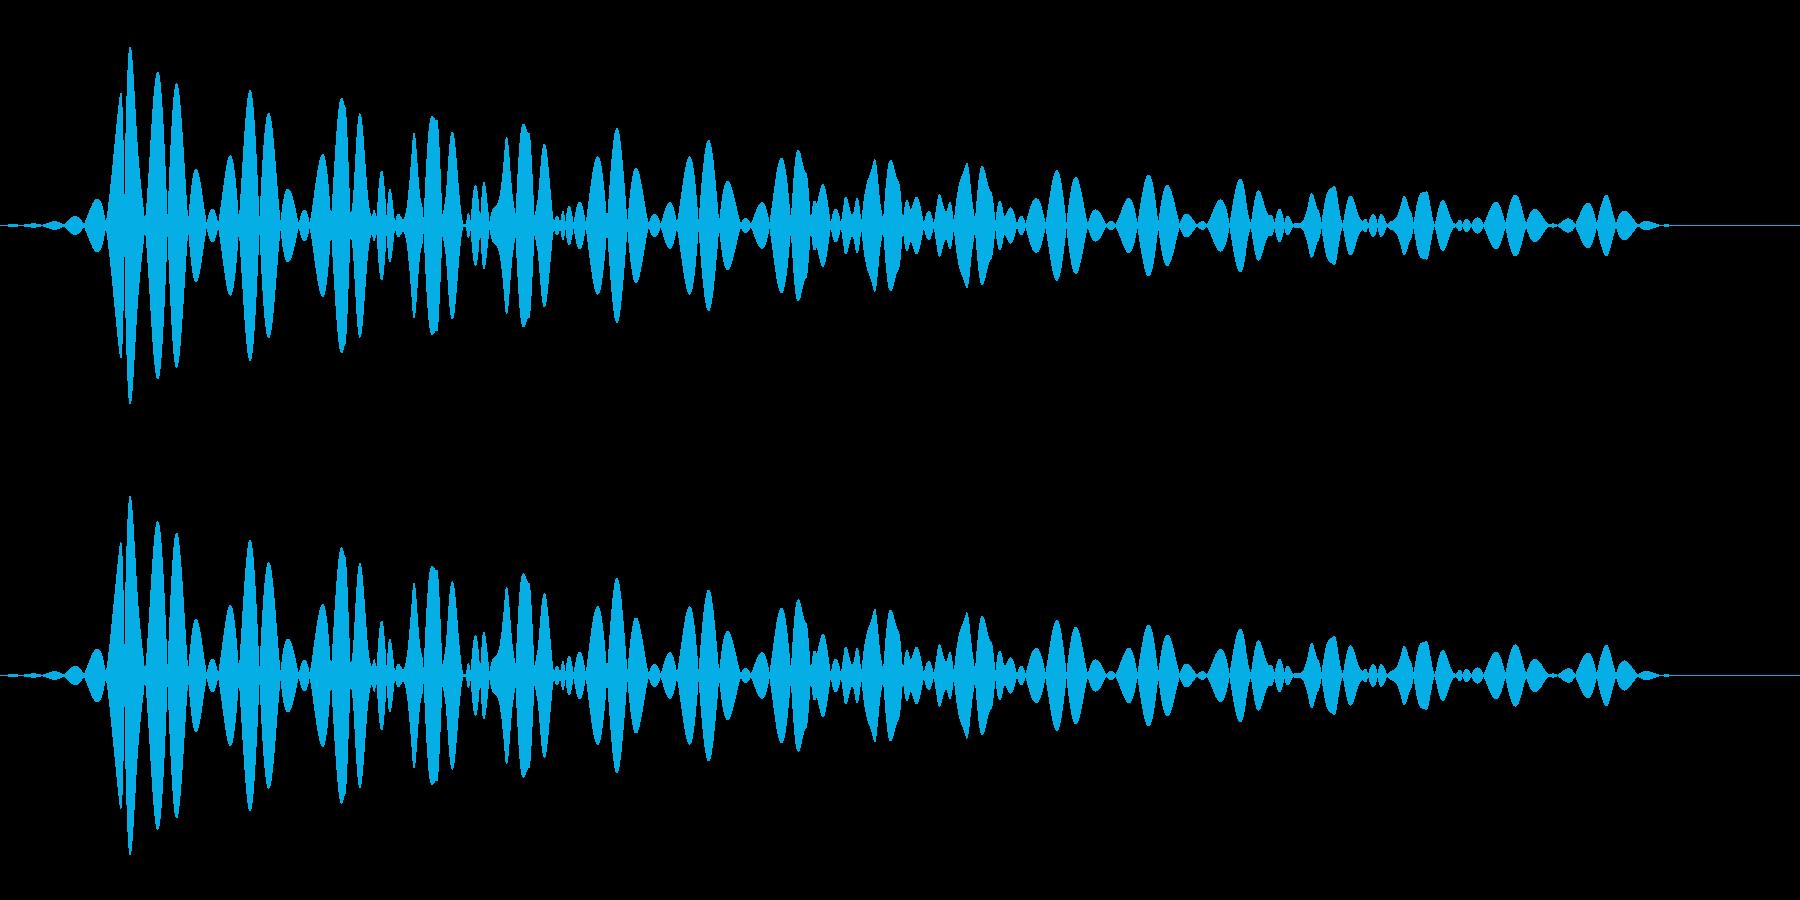 シンプルなキャンセル音の再生済みの波形